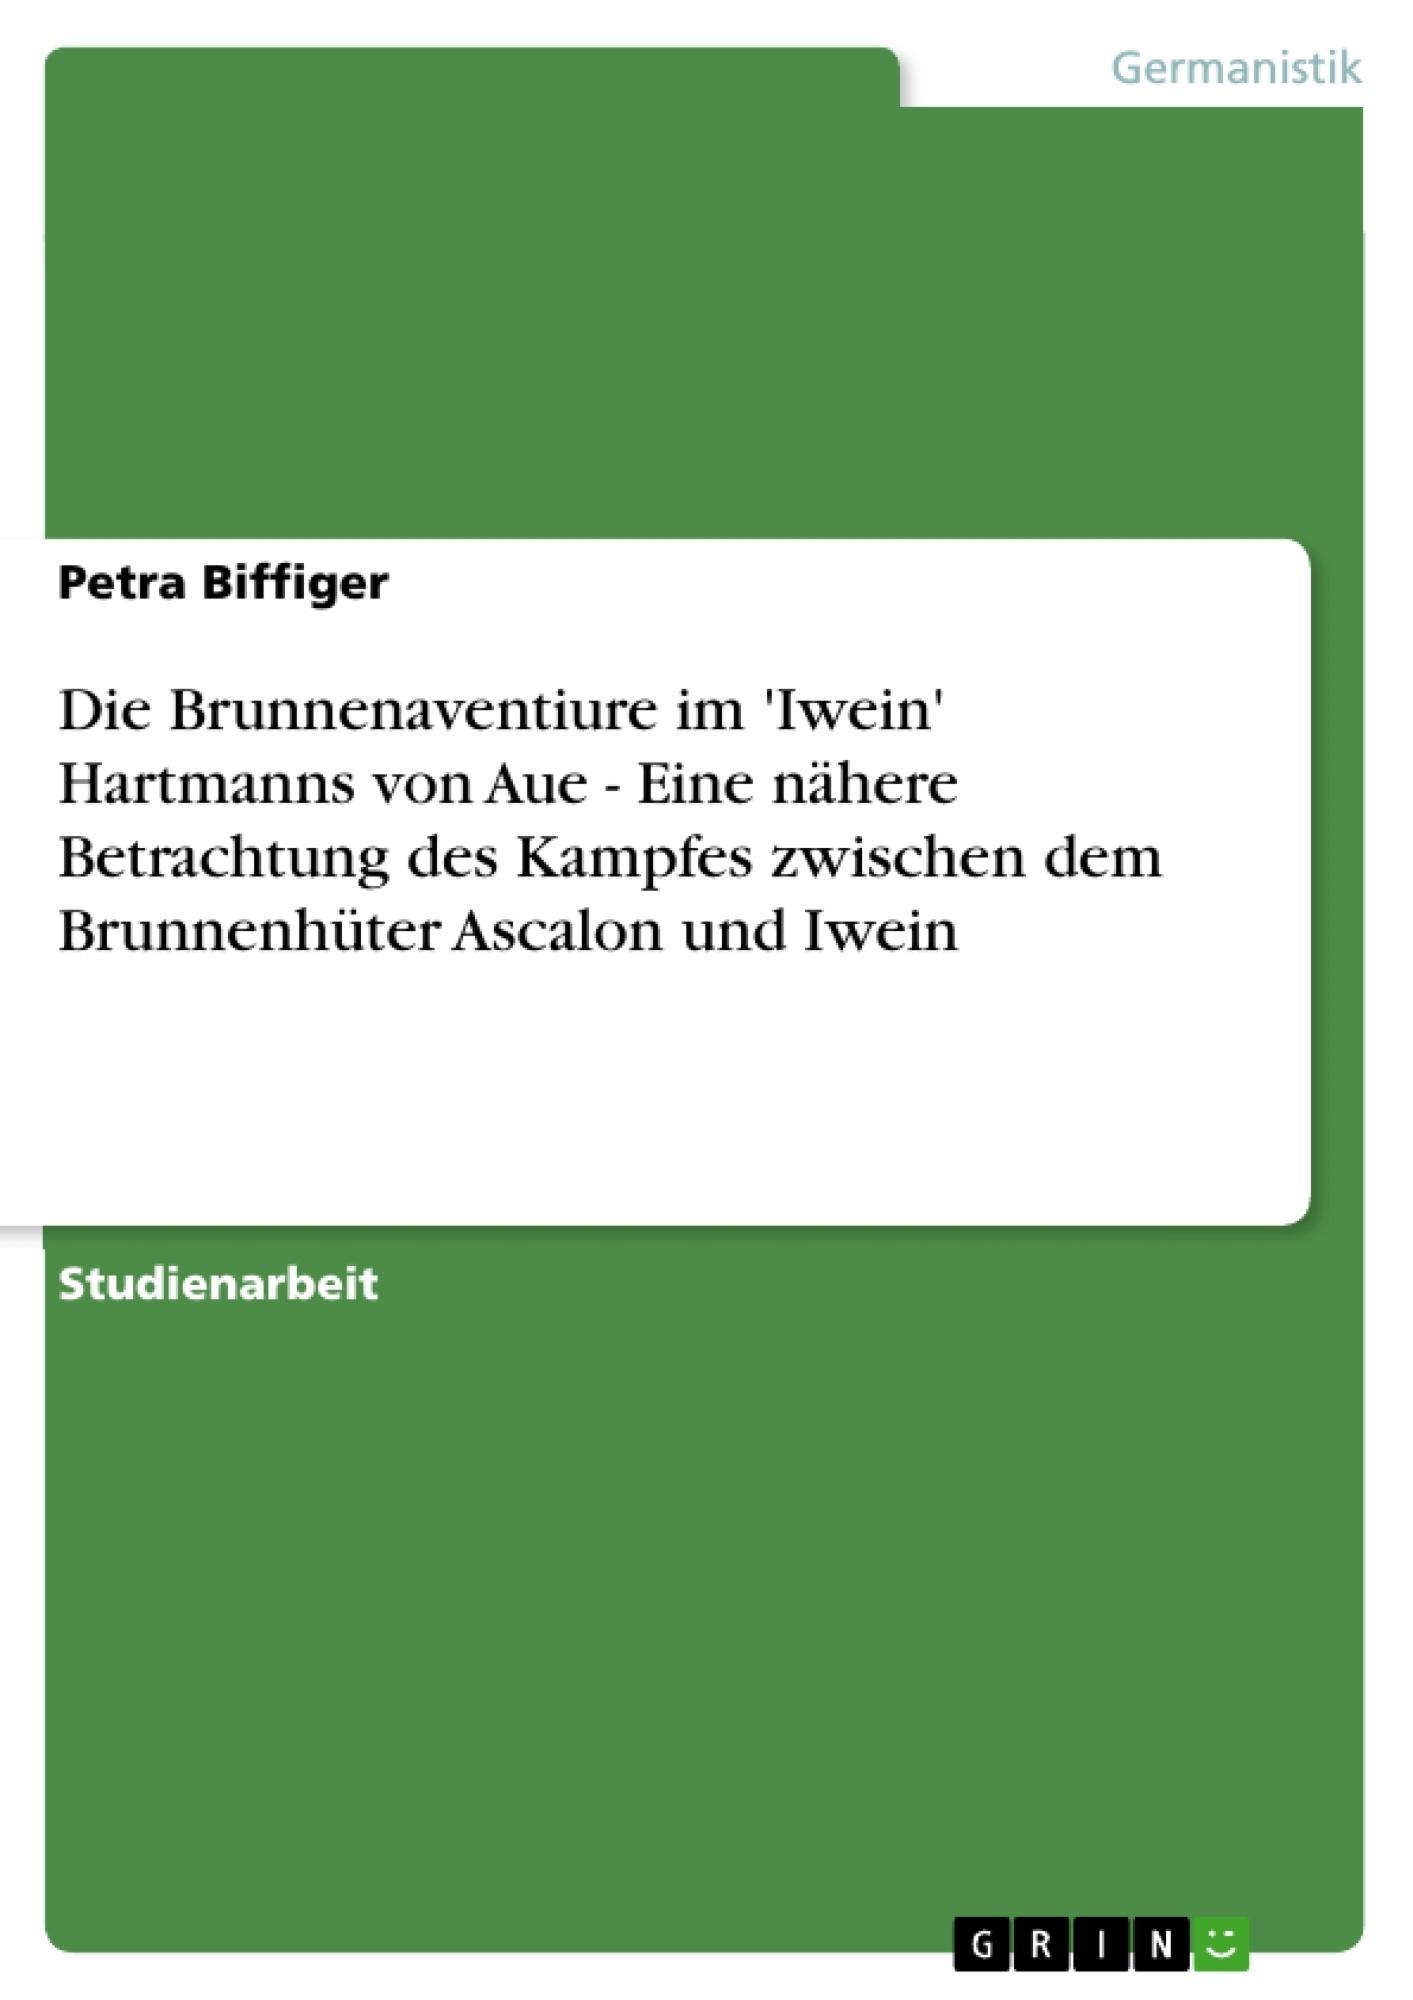 Titel: Die Brunnenaventiure im 'Iwein' Hartmanns von Aue - Eine nähere Betrachtung des Kampfes zwischen dem Brunnenhüter Ascalon und Iwein